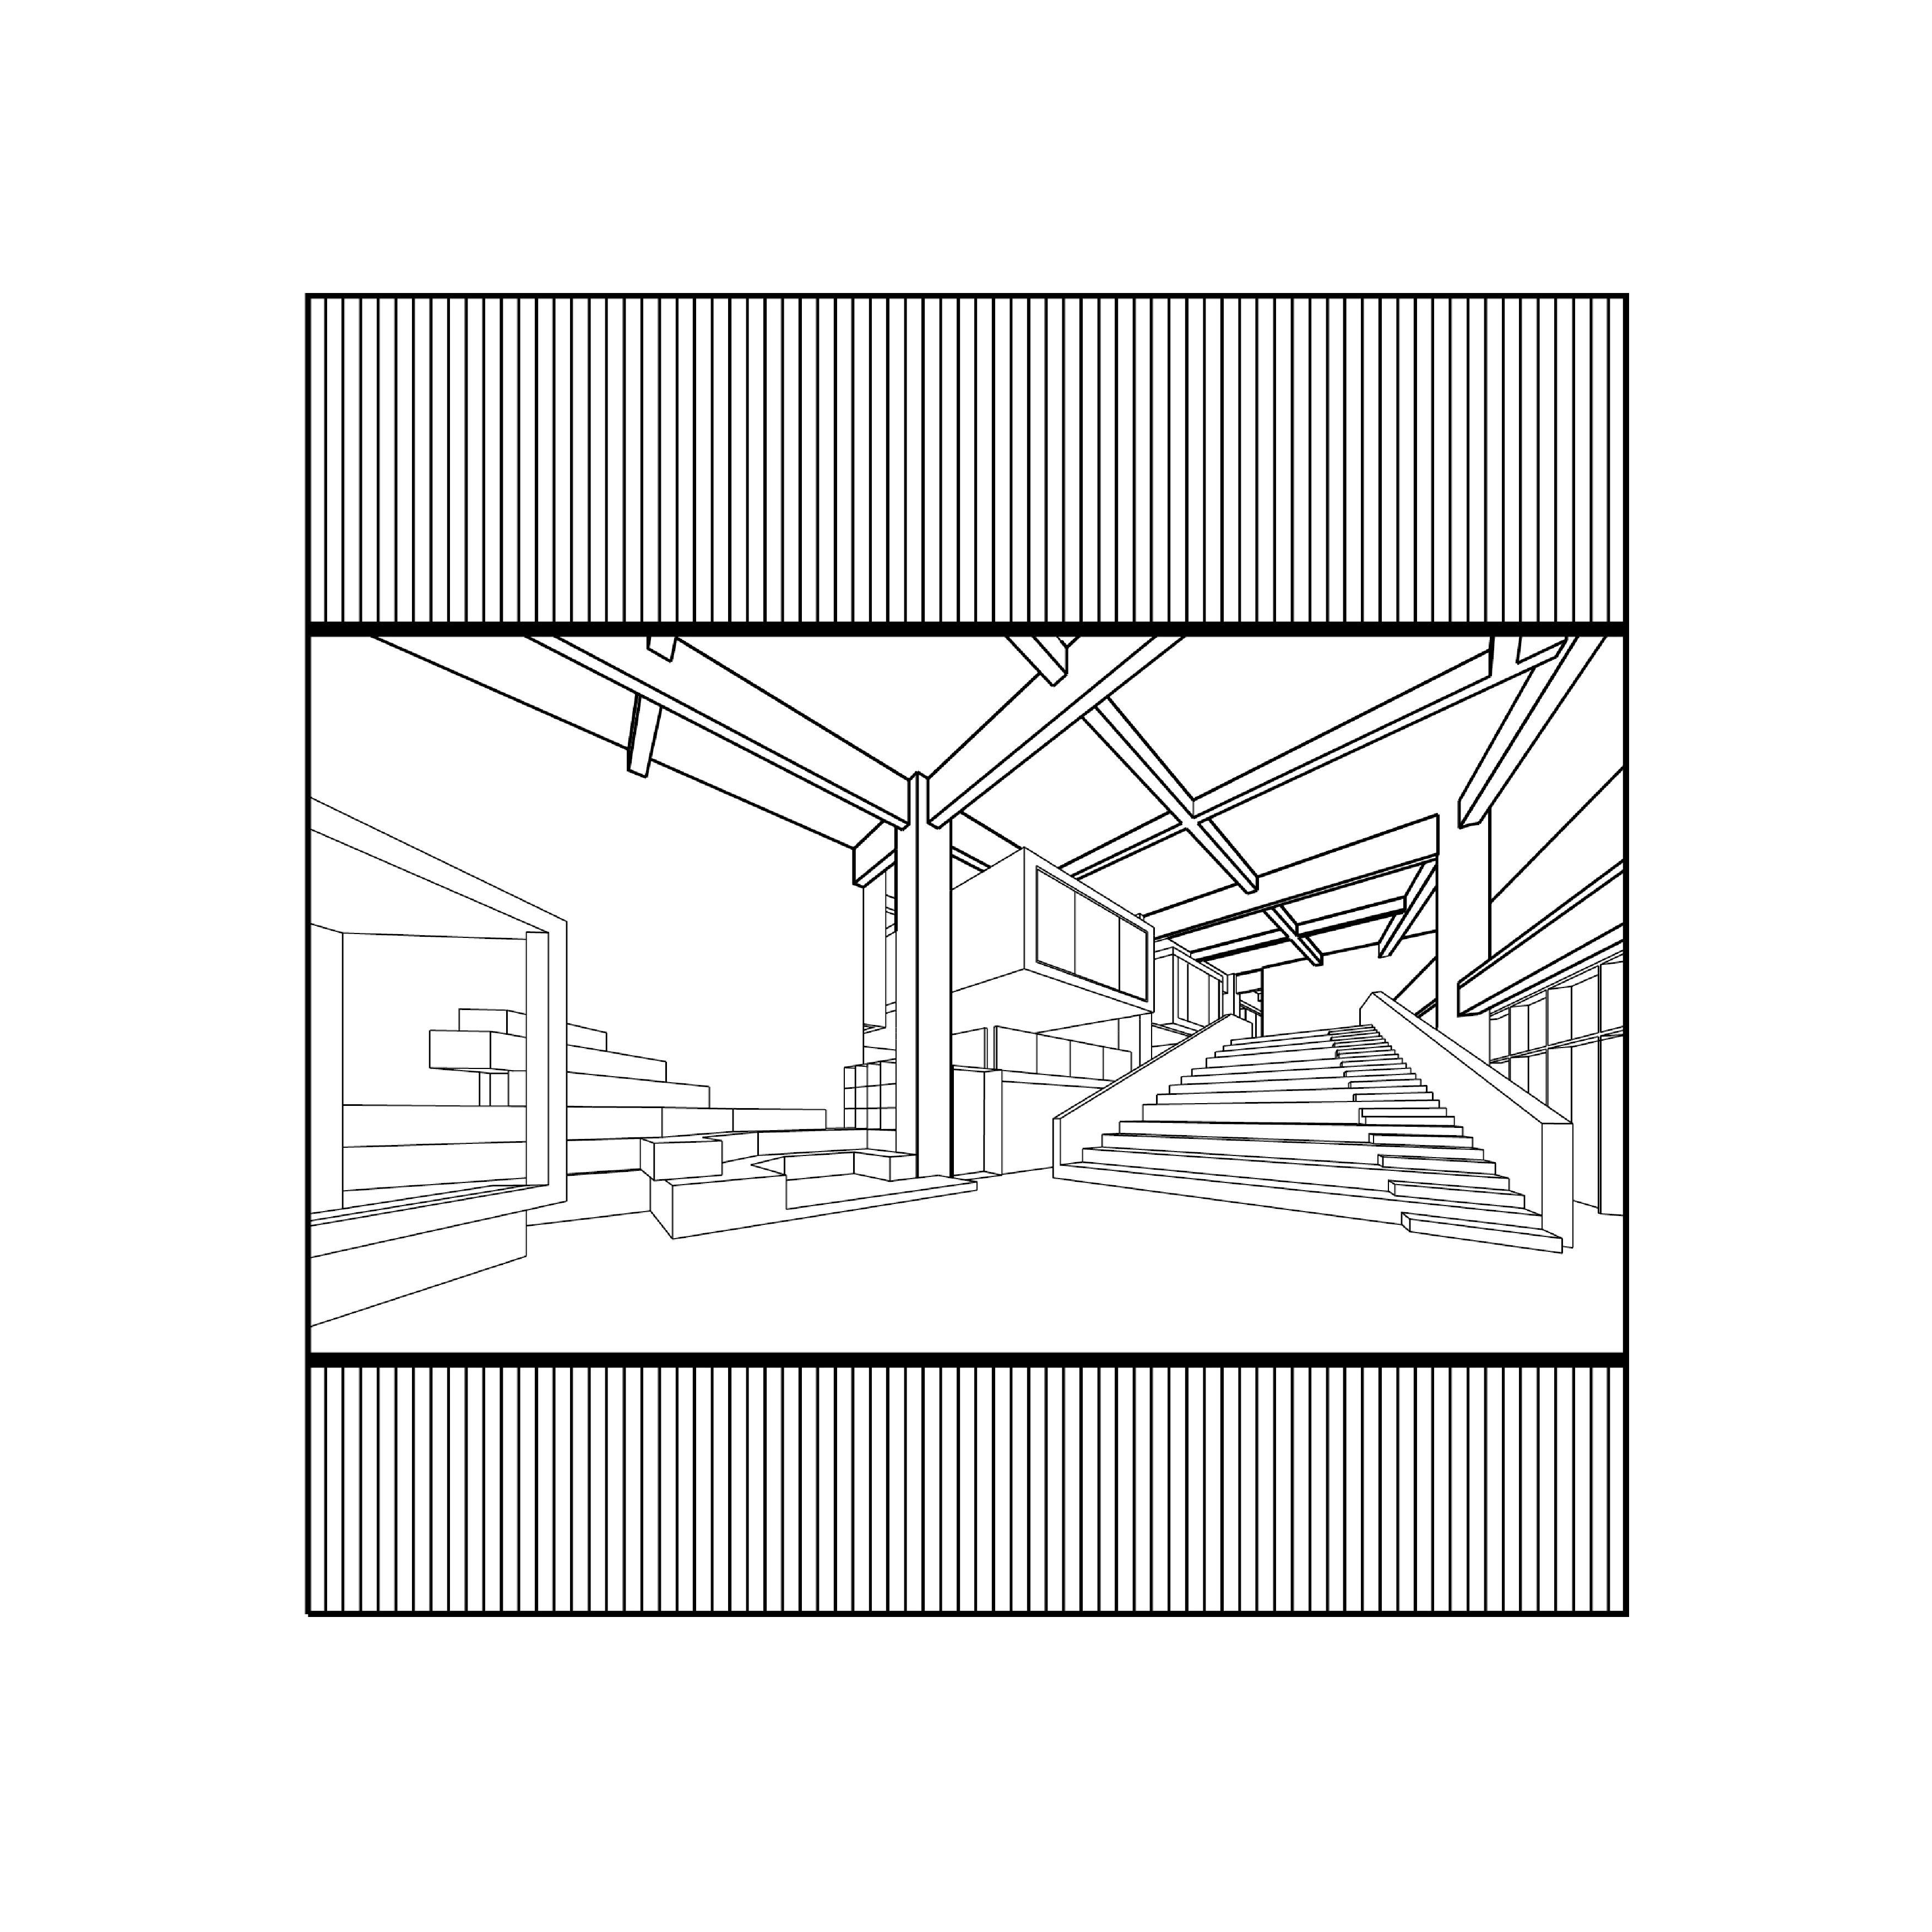 米域 · 方寸联合办公(方案+施工)